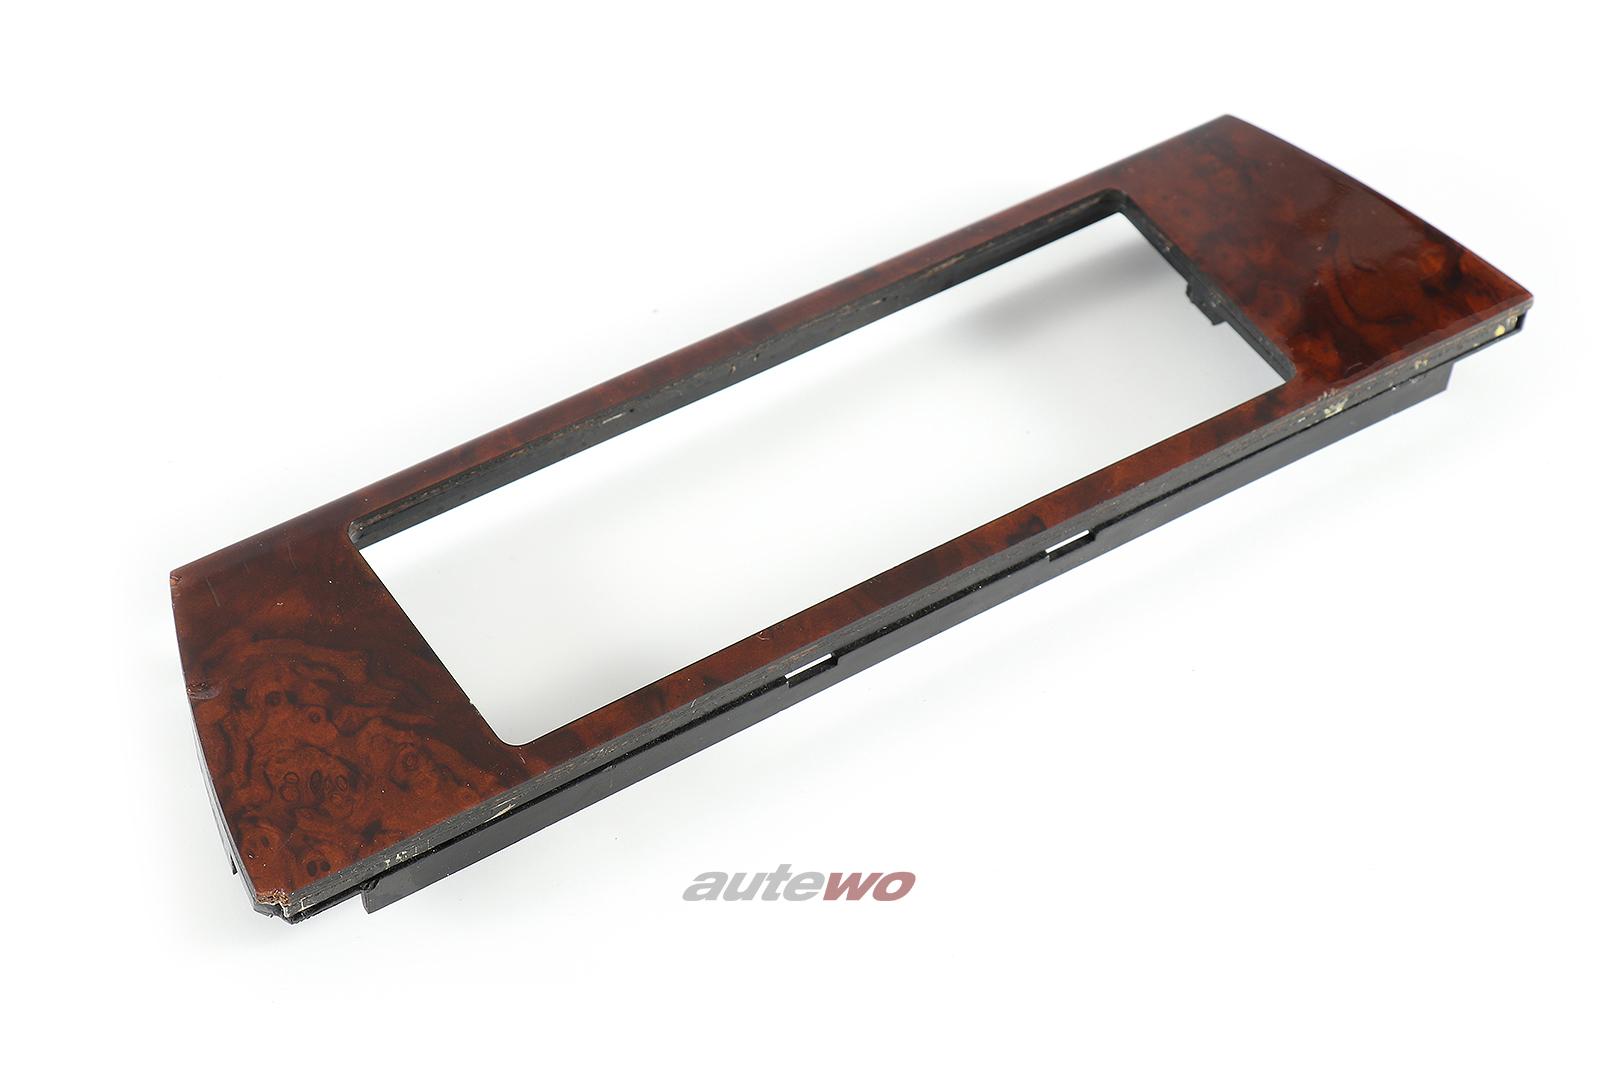 4A0820325C 4A0820325D Audi 100/S4/A6/S6+ C4 Blende Klimatronic Nussbaum Holz